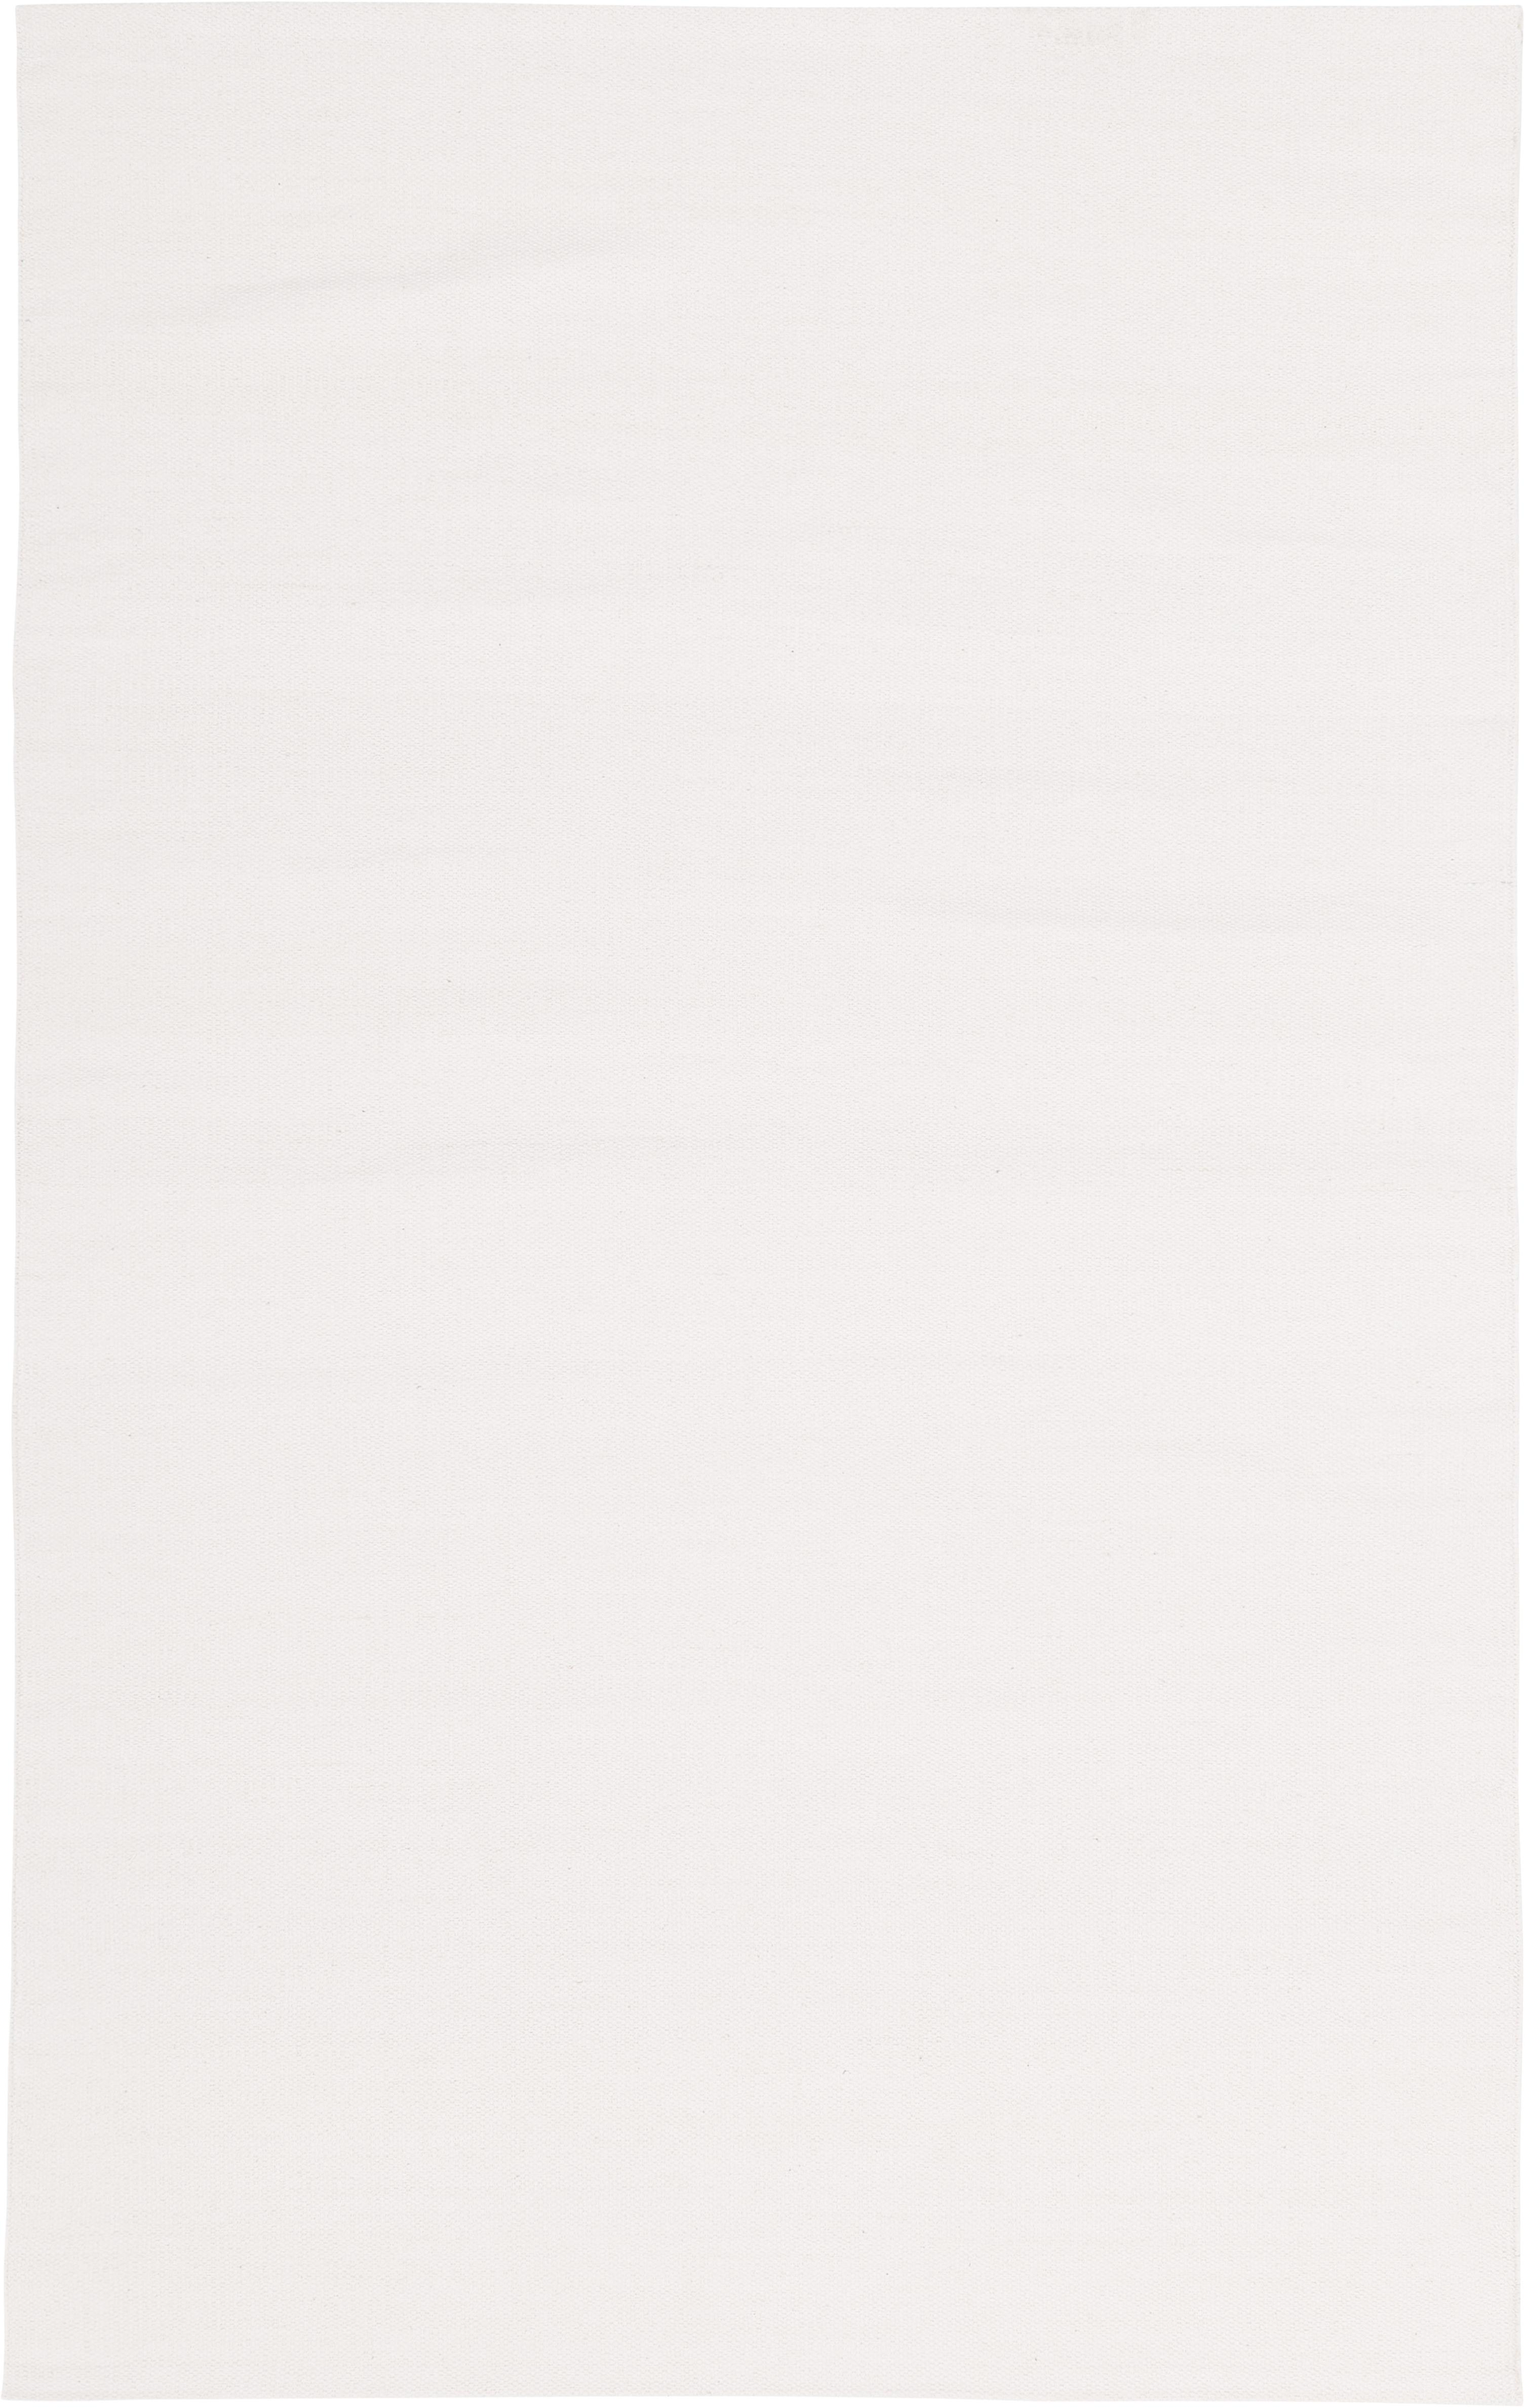 Dünner Baumwollteppich Agneta, handgewebt, 100% Baumwolle, Cremeweiß, B 50 x L 80 cm (Größe XXS)